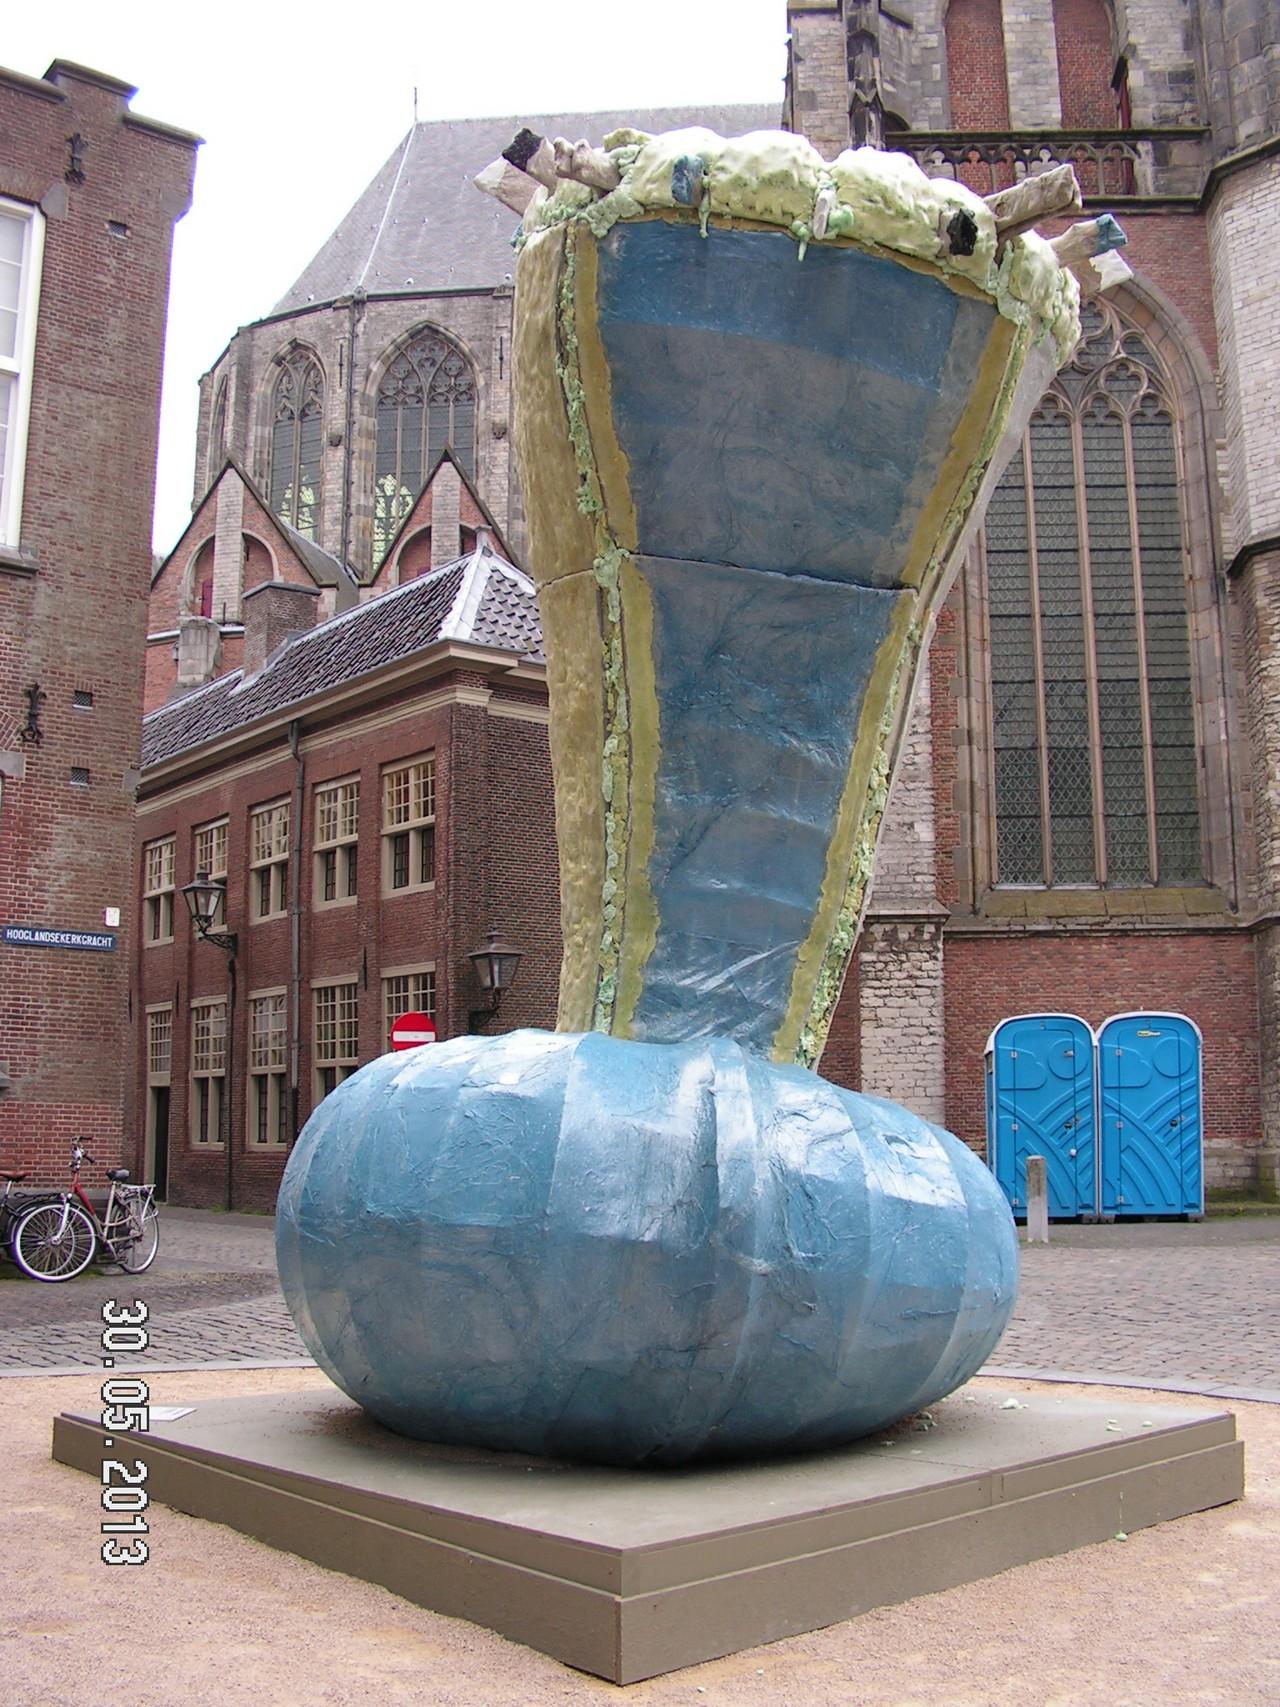 30-05-2013 Leiden - BIL - Beelden in Leiden 016(11)